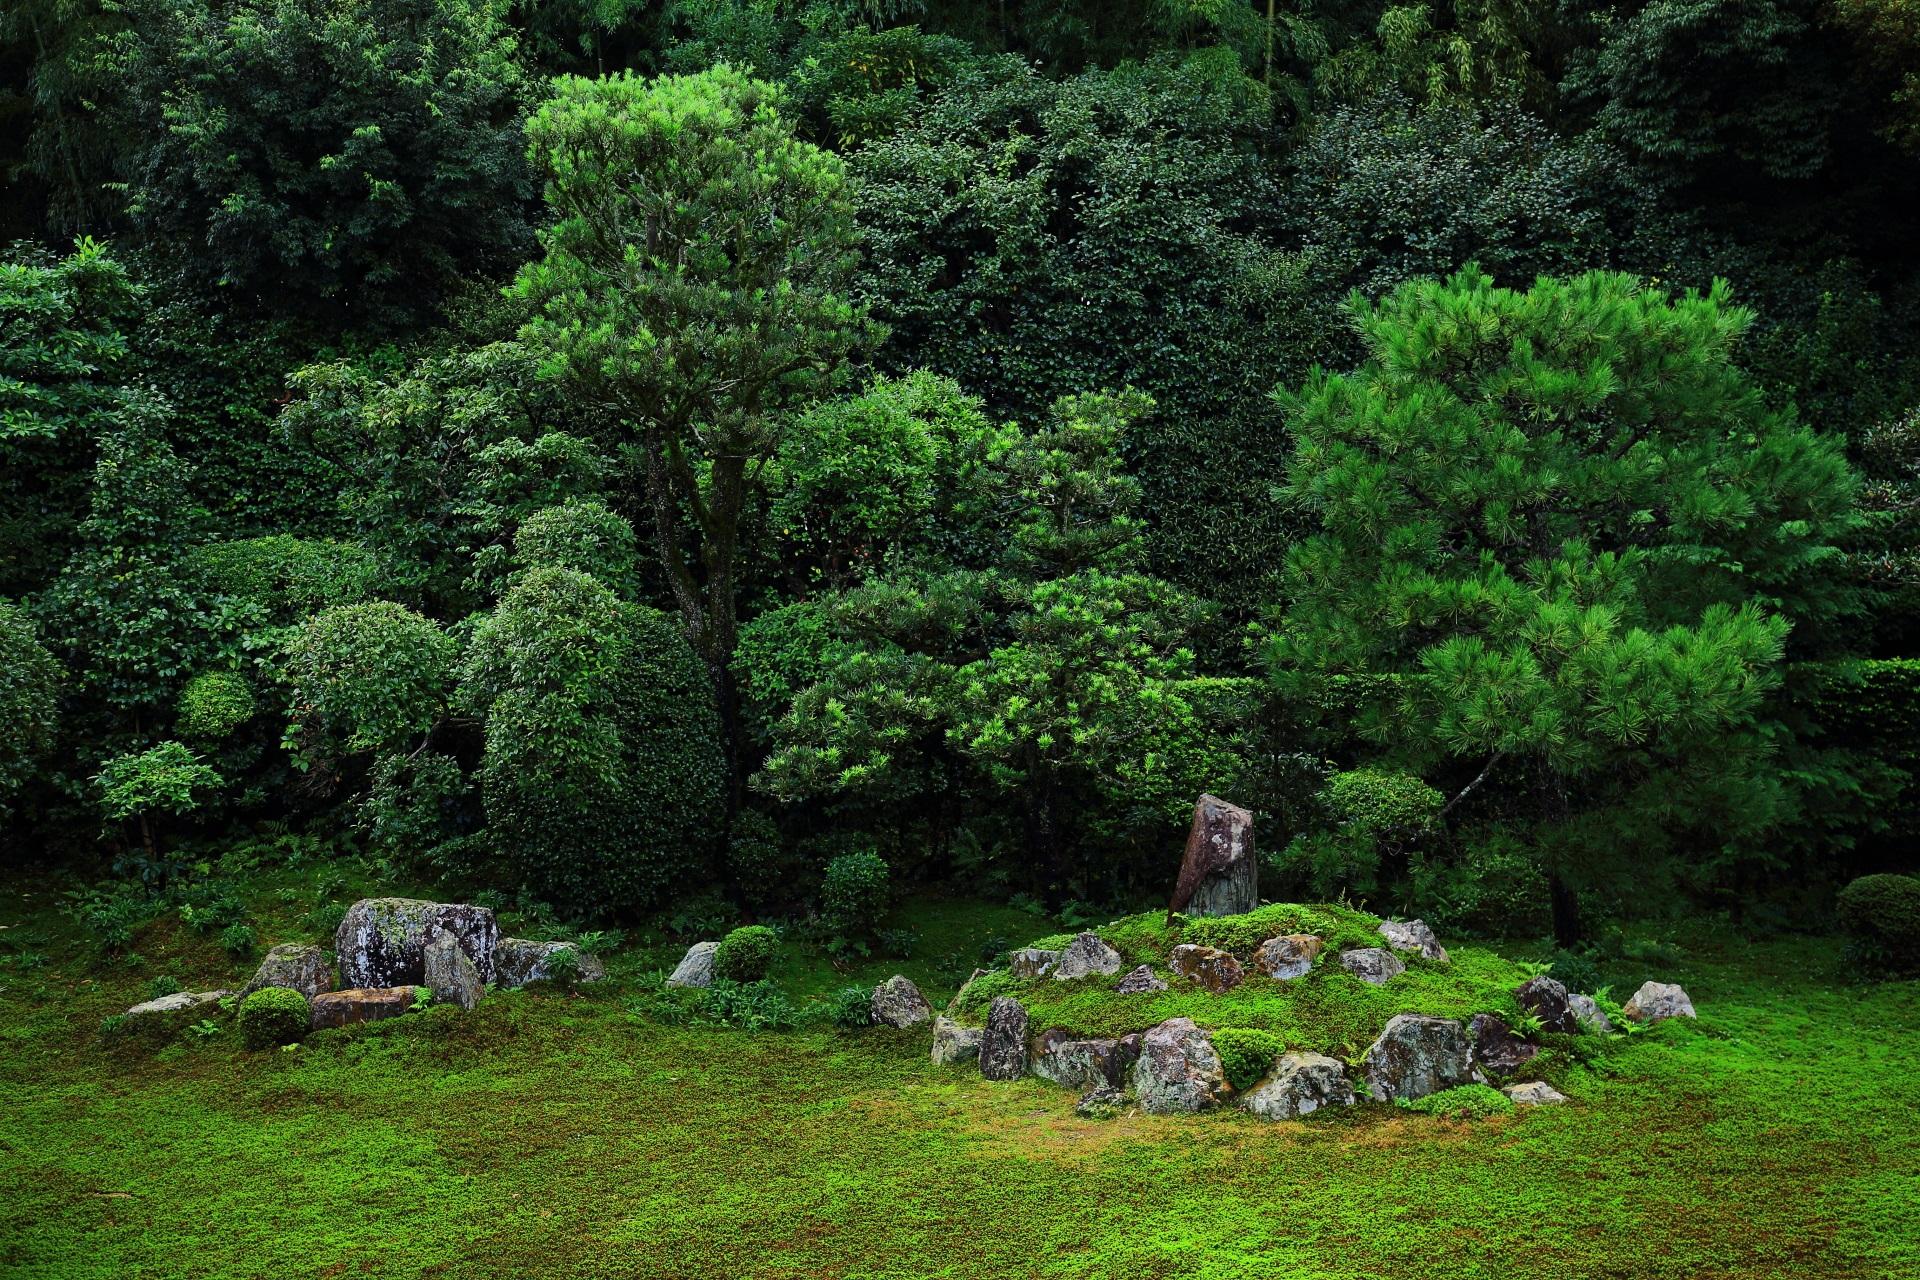 多種多様な緑の植えられた鶴亀の庭